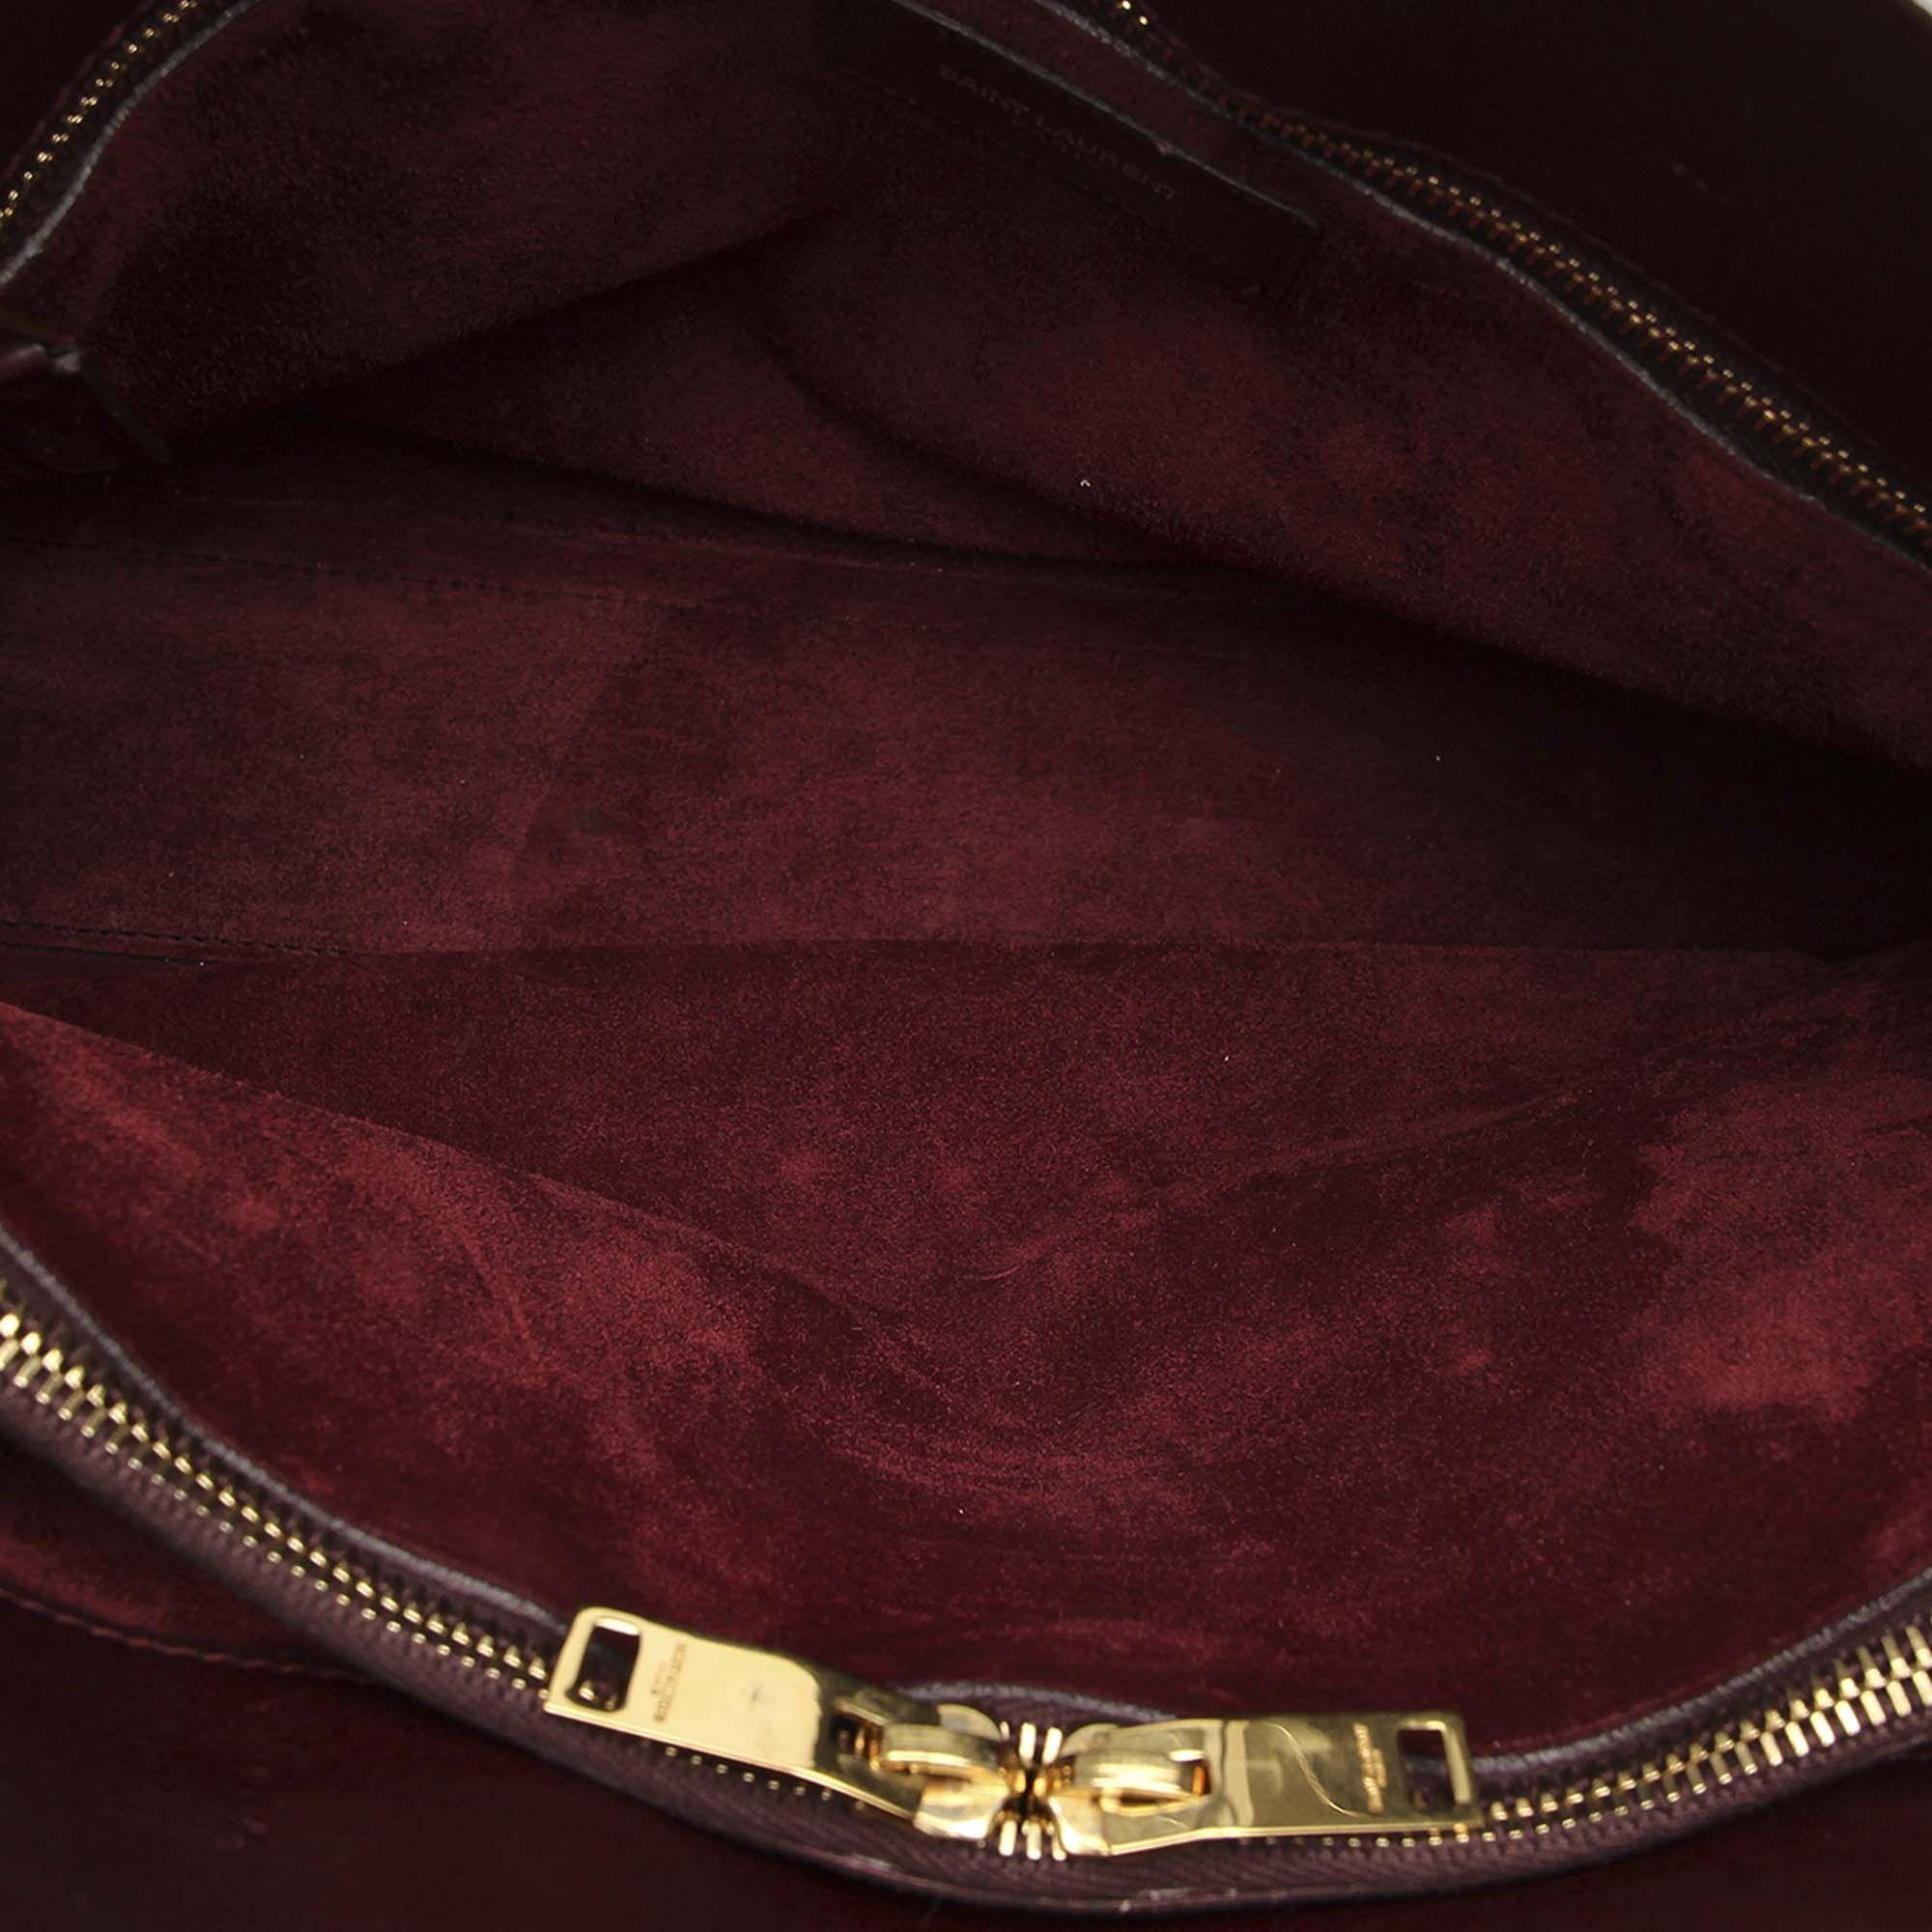 Vintage YSL Mini Sac De Jour Leather Satchel Red